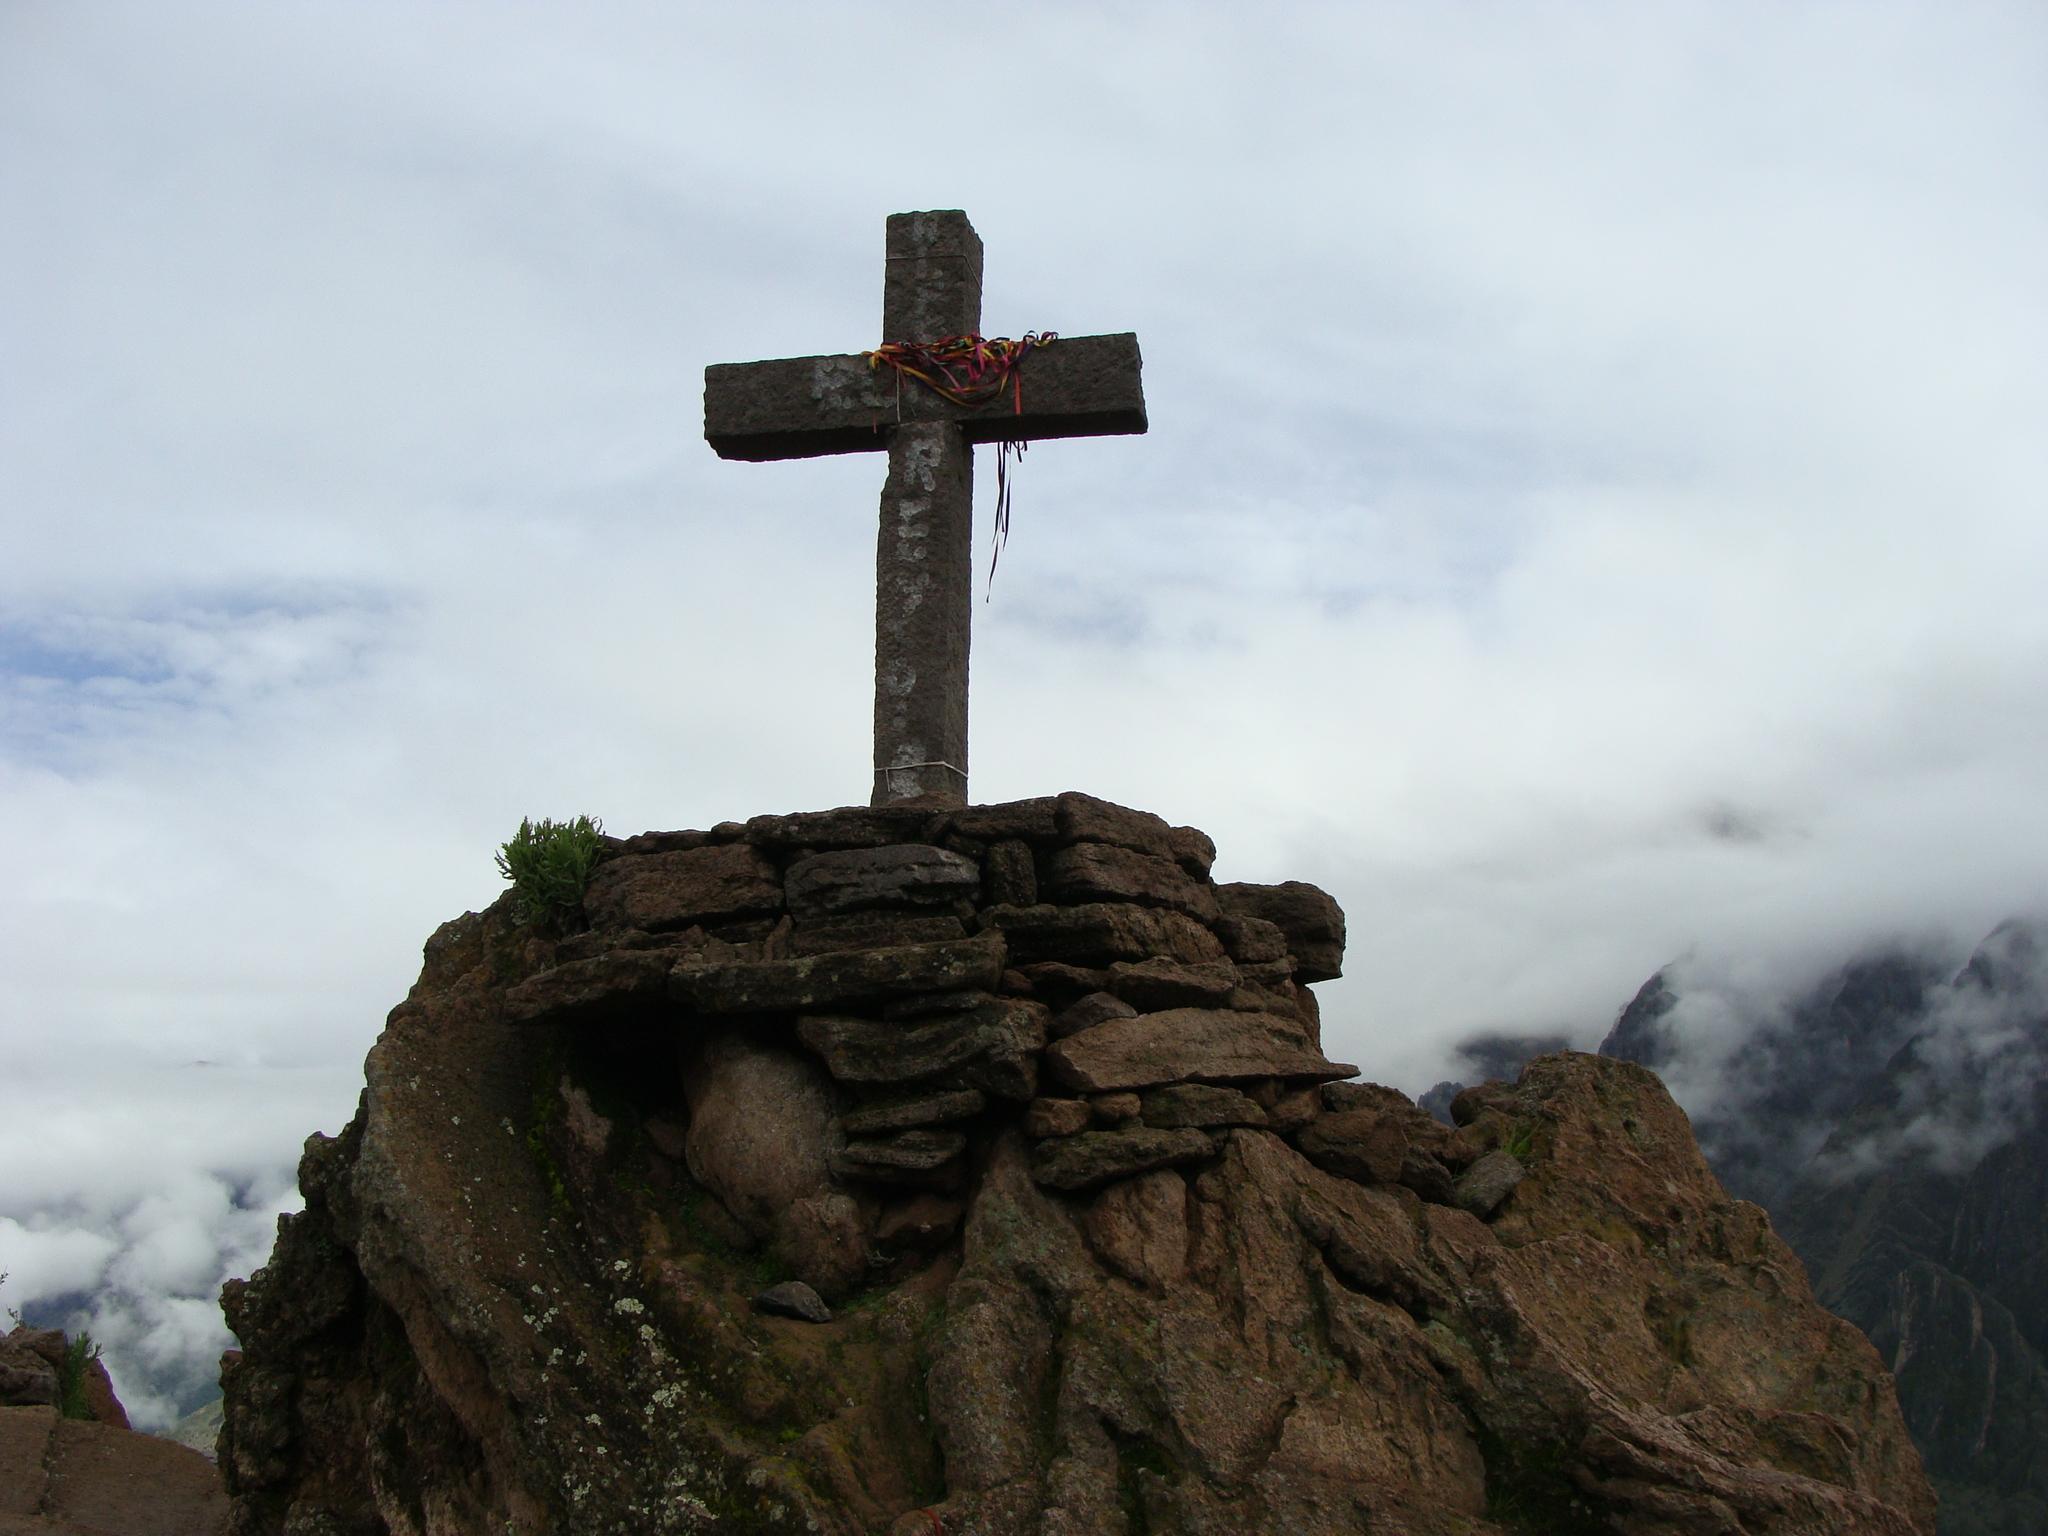 Kaňon Colca - Cruz del Condor - kříž 19. 2. 2011 9:01